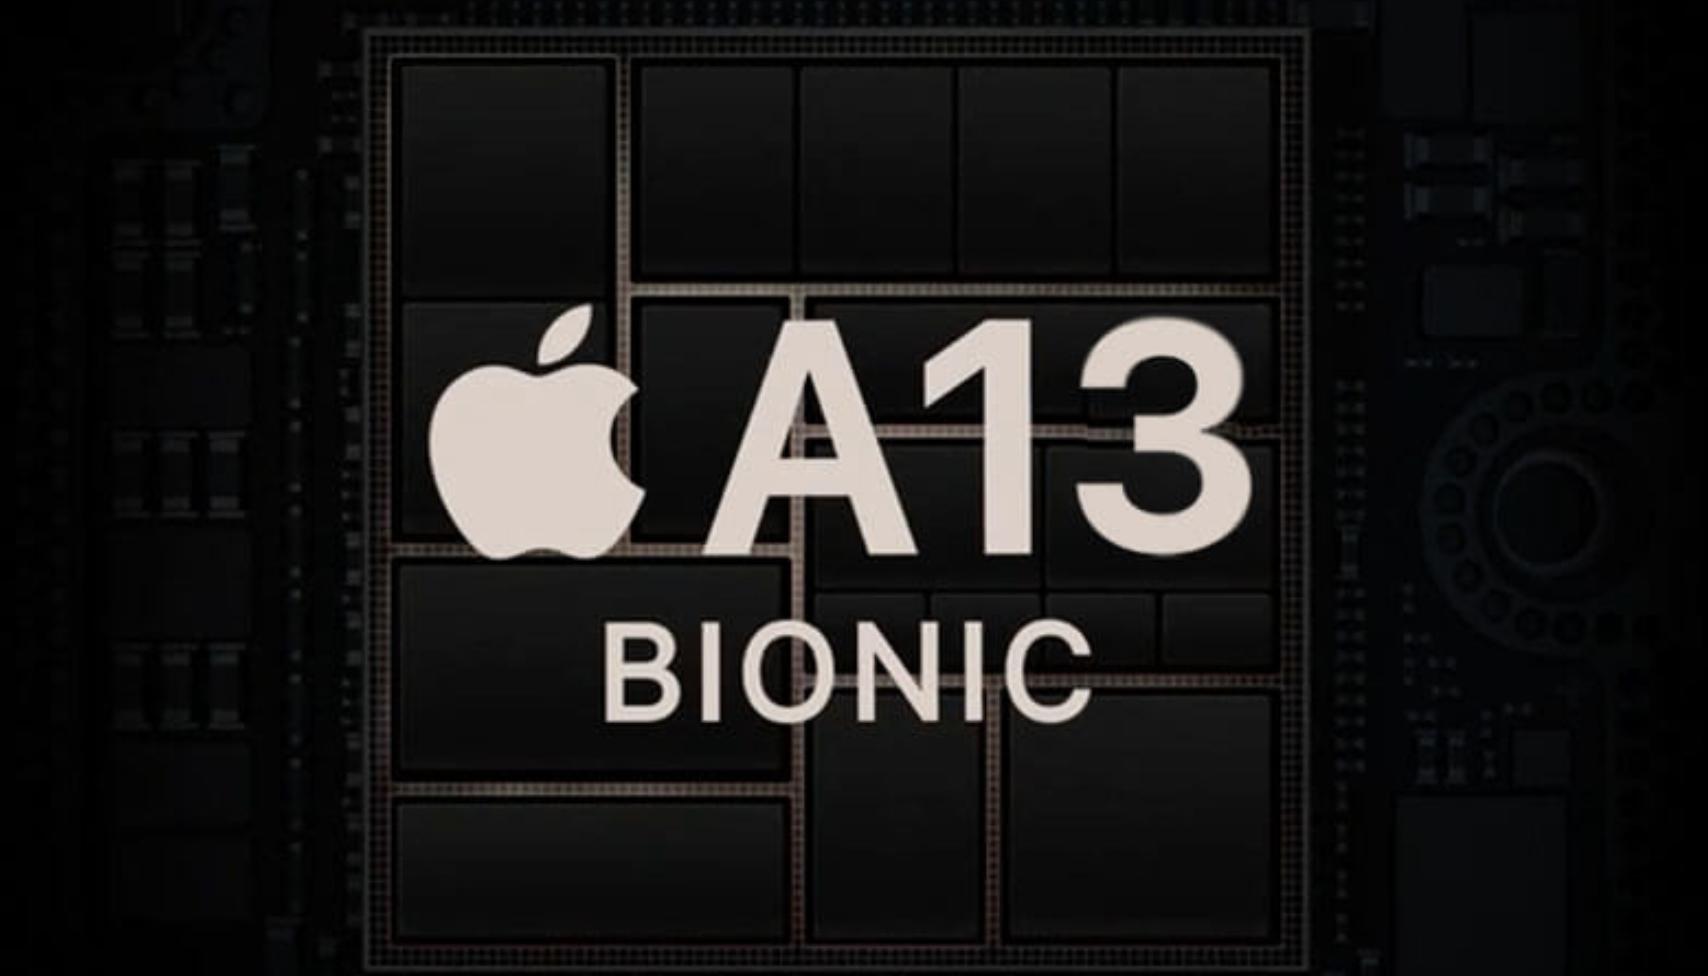 Megérkezett az AnandTech tesztje is az iPhone 11 Pro készülékekről